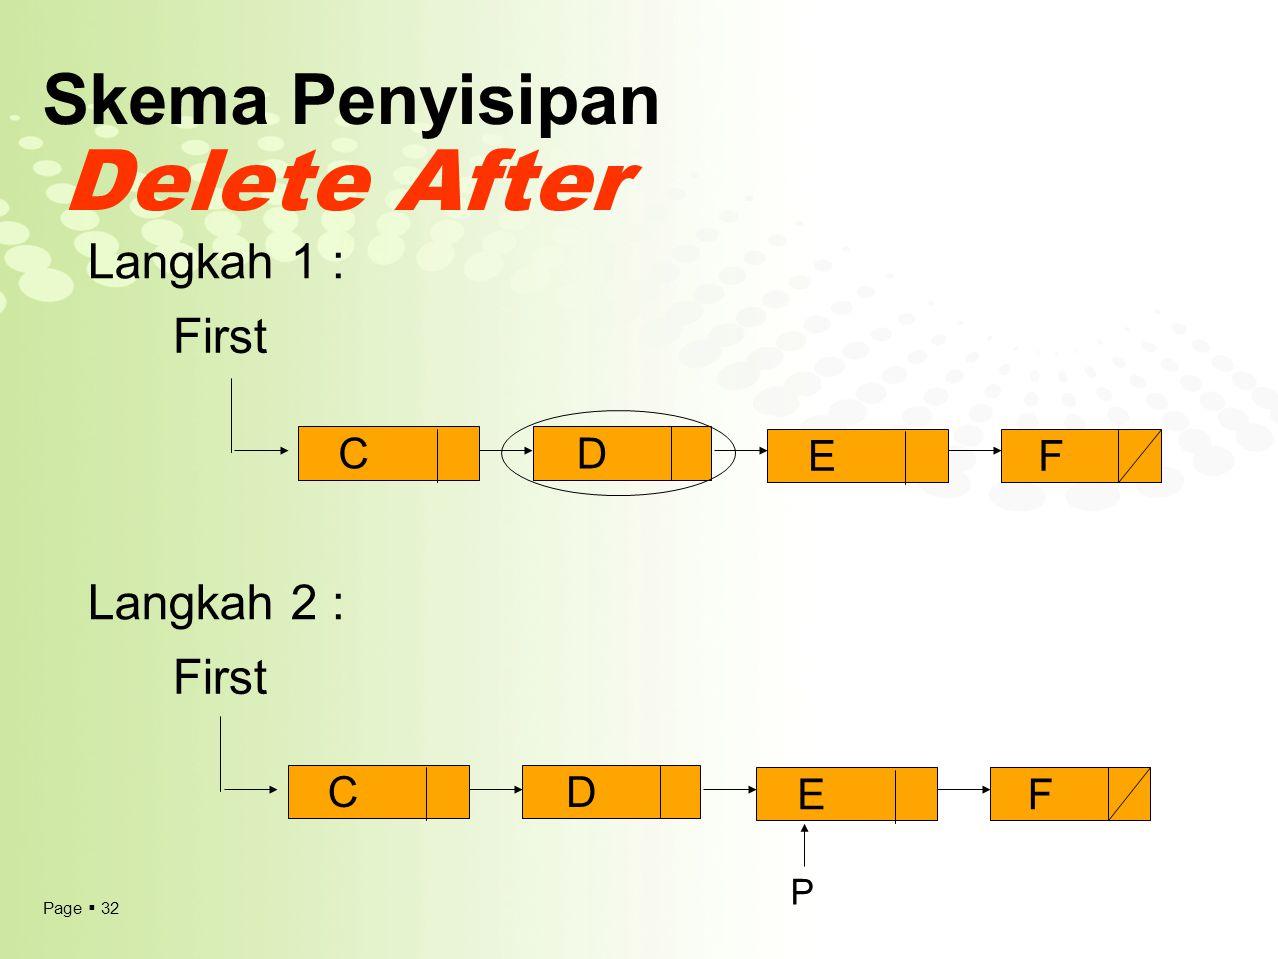 Page  32 Skema Penyisipan Delete After First Langkah 1 : Langkah 2 : CD EF CD EF P